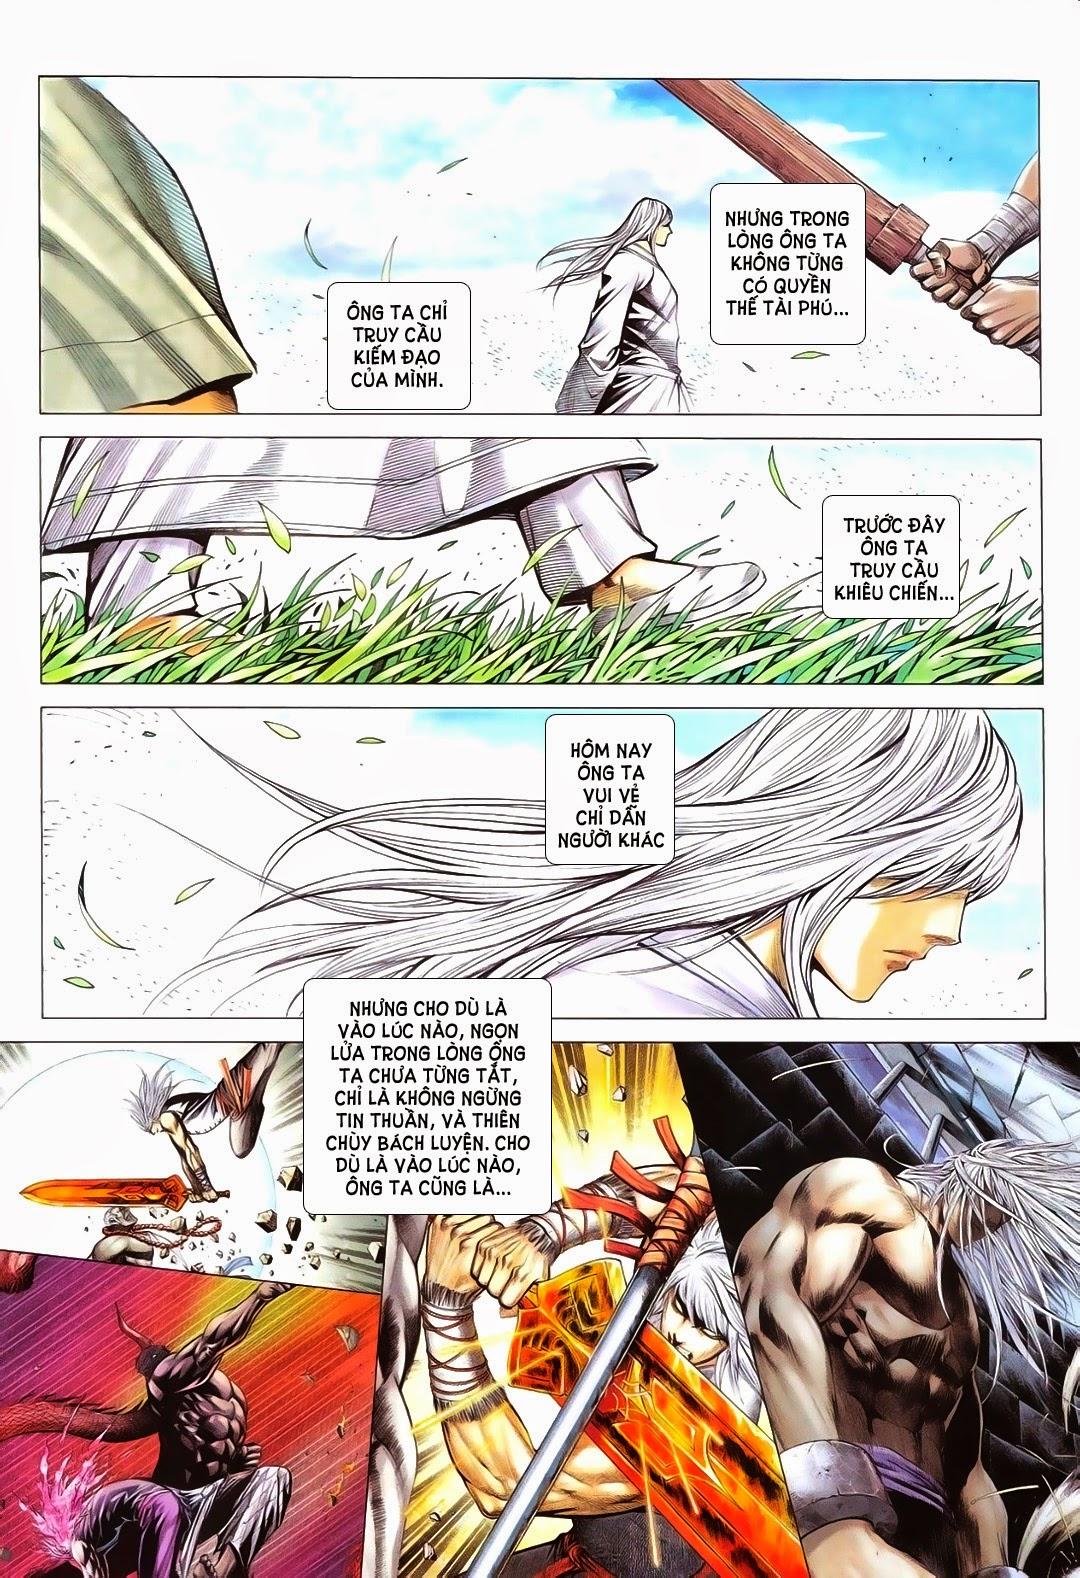 Phong Thần Ký chap 181 - Trang 29